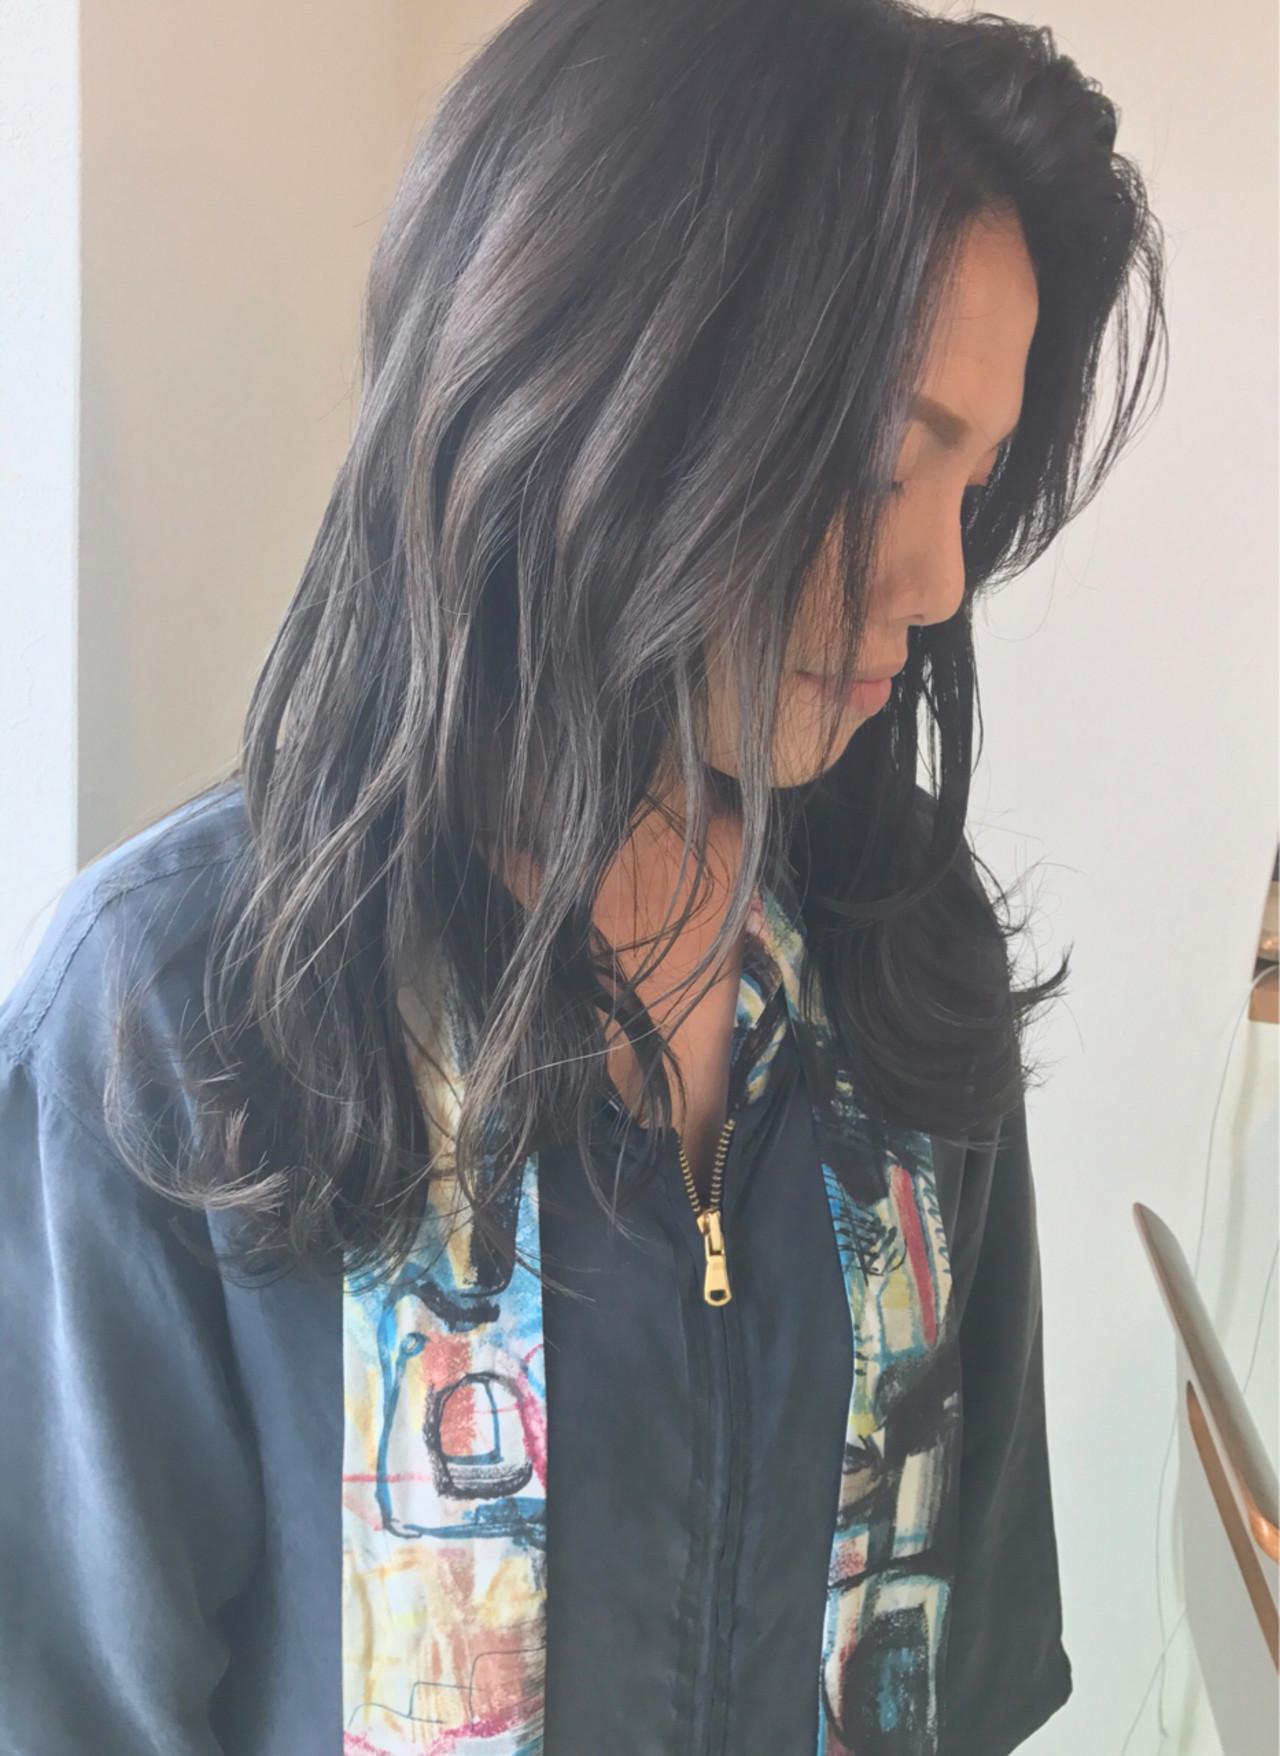 グラデーションカラー 透明感 秋 大人かわいい ヘアスタイルや髪型の写真・画像 | sowi 阿部 辰也 / sowi hair design ソーイ